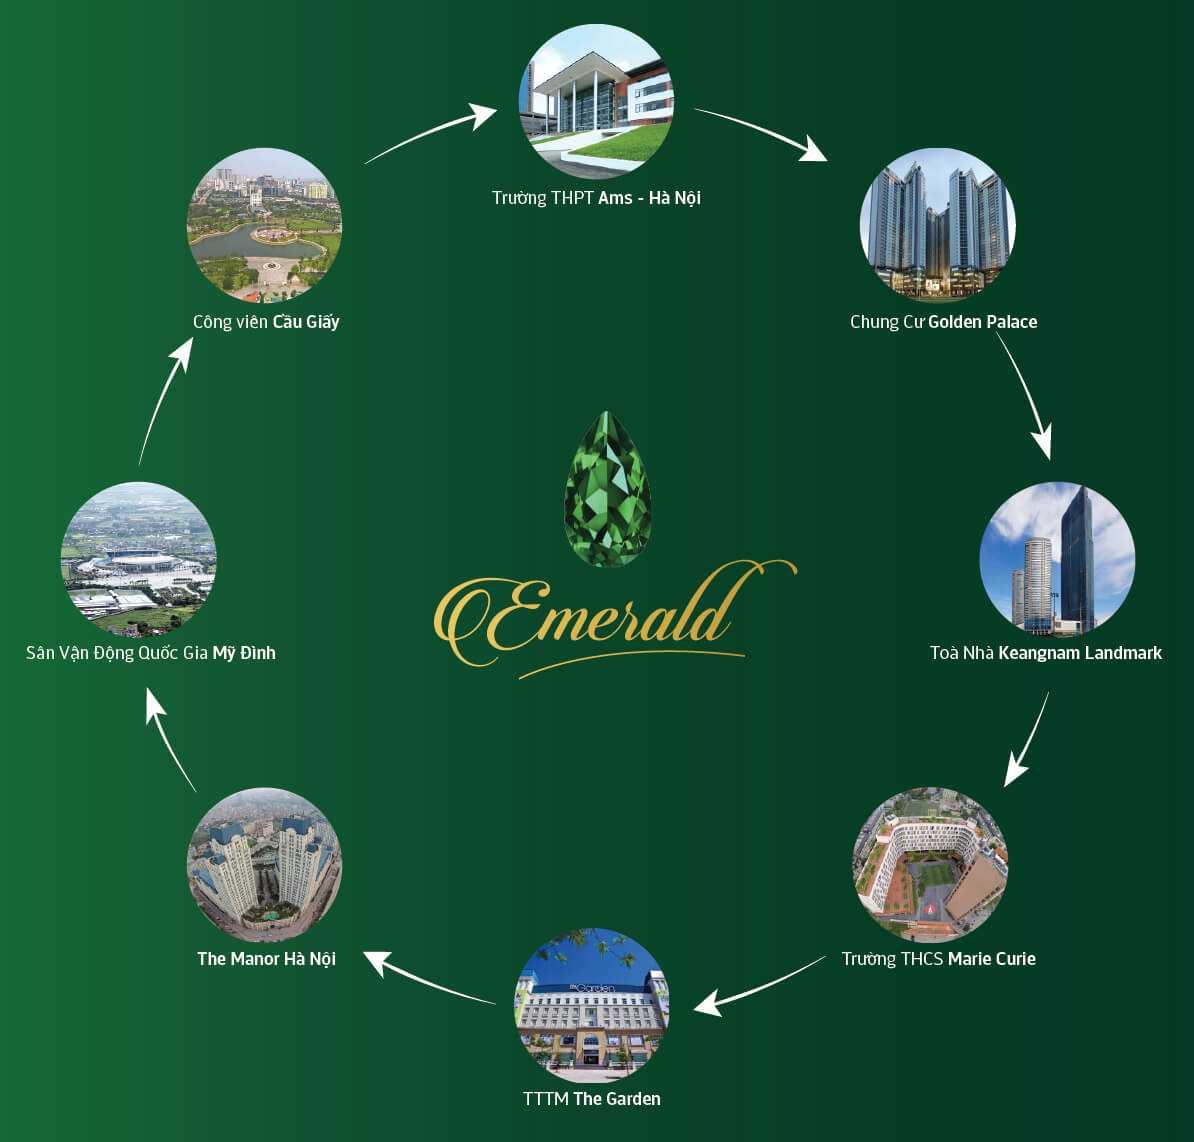 Kết nối tiện ích chung cư The Emerald Mỹ Đình